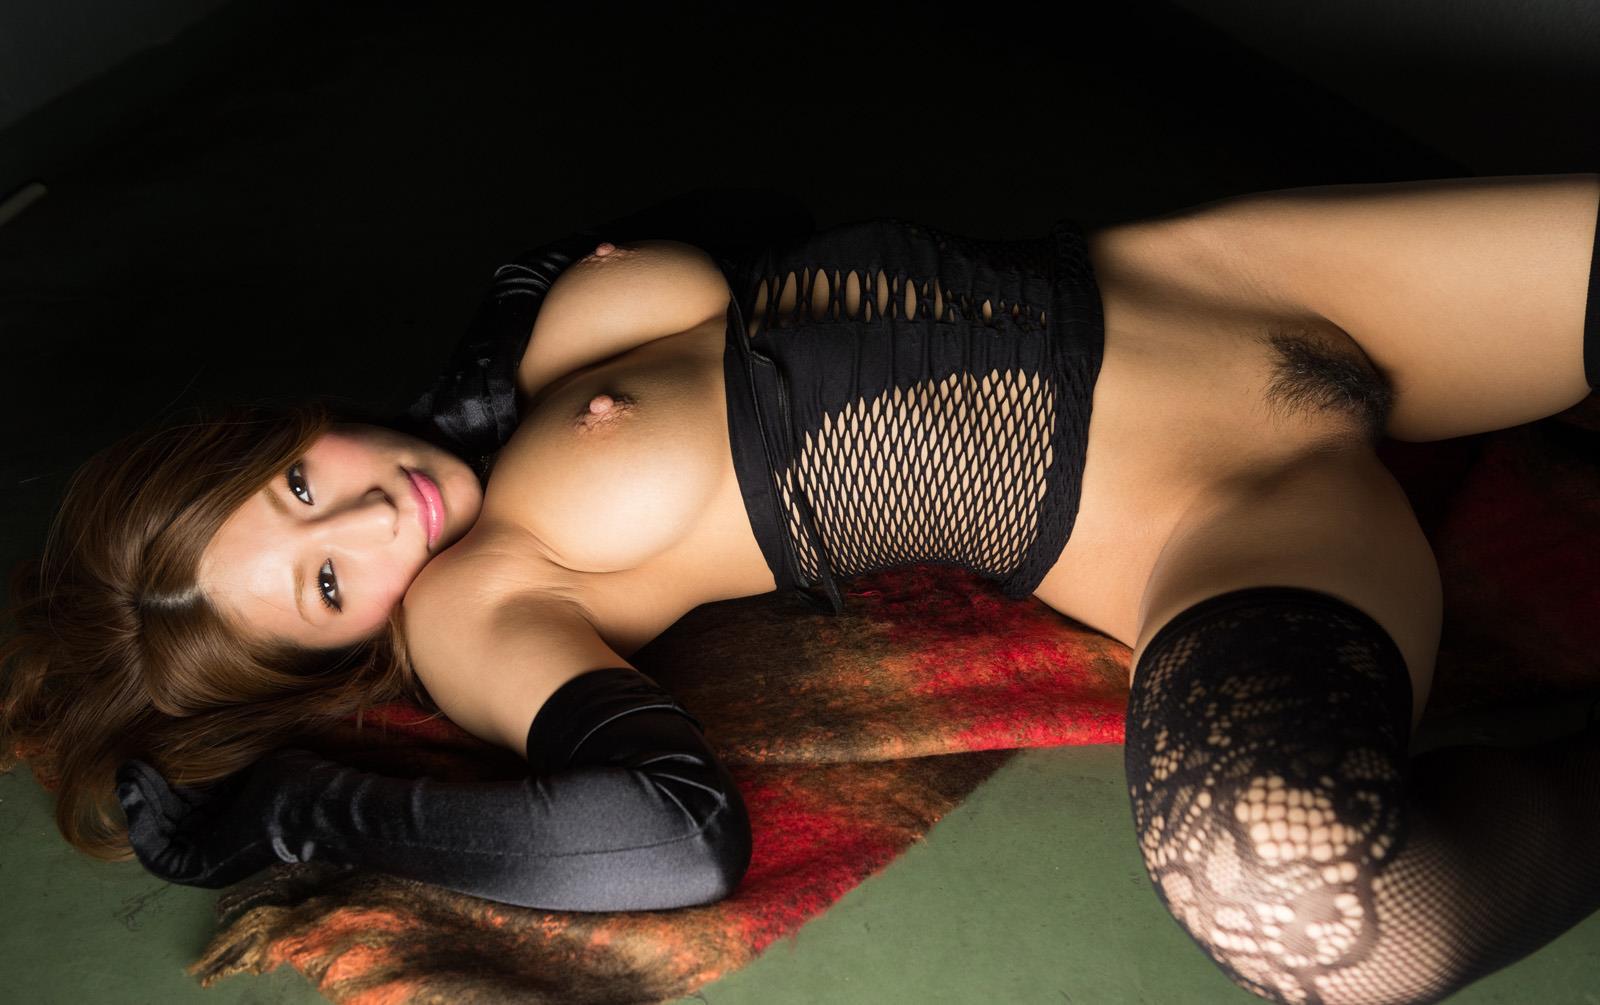 星野ナミ しっとり美巨乳を曝す昭和チックなポルノ画像